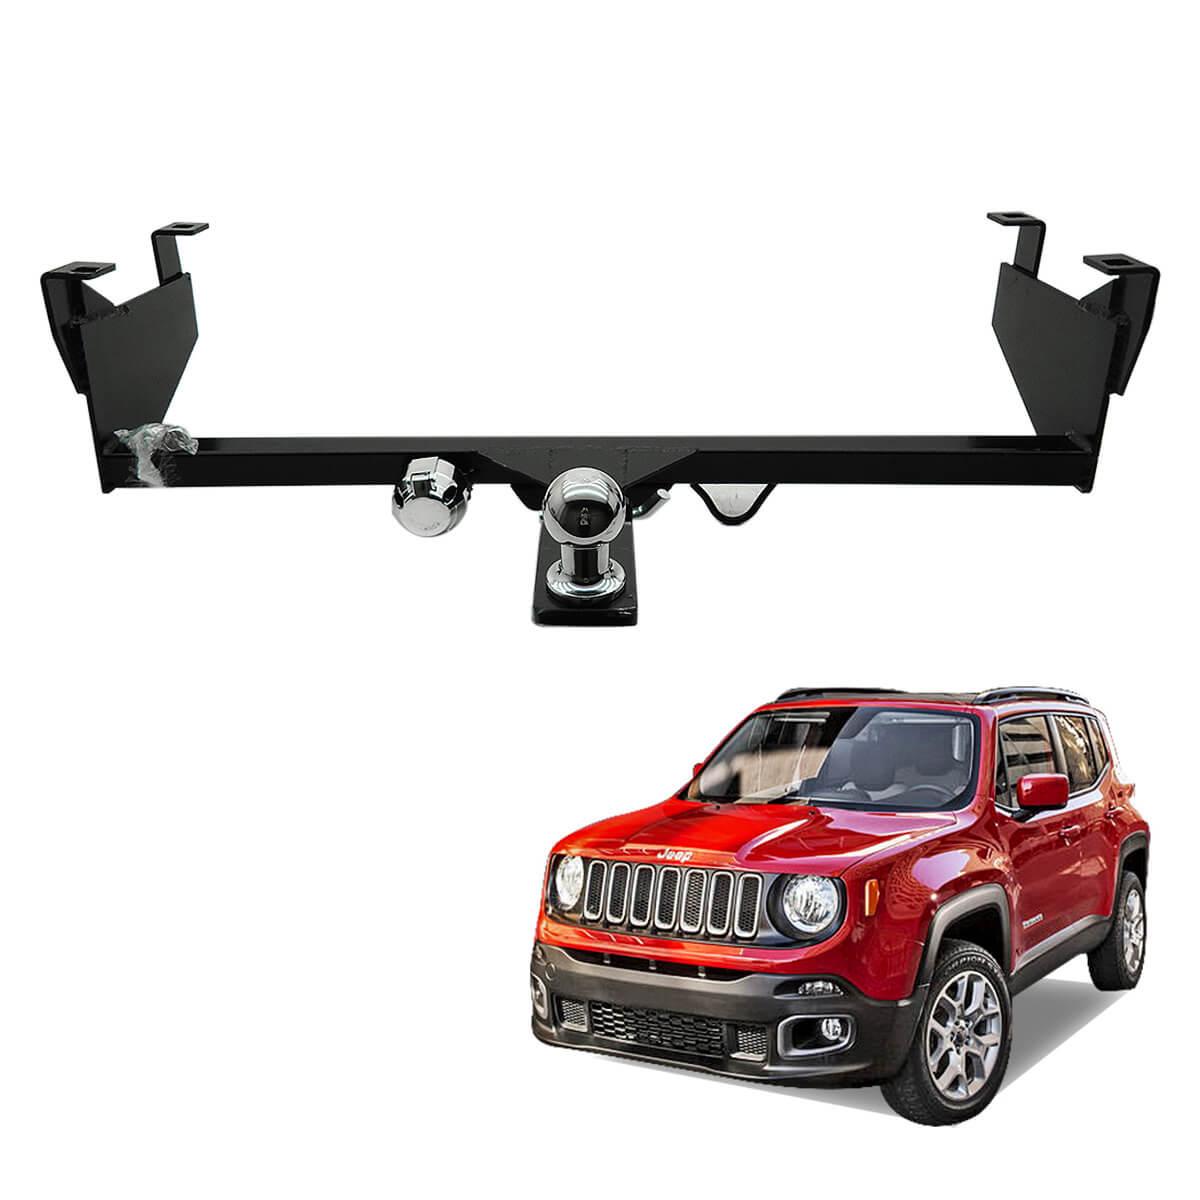 Engate de reboque Jeep Renegade 2016 a 2018 tração 4x2 removível 1000 Kg